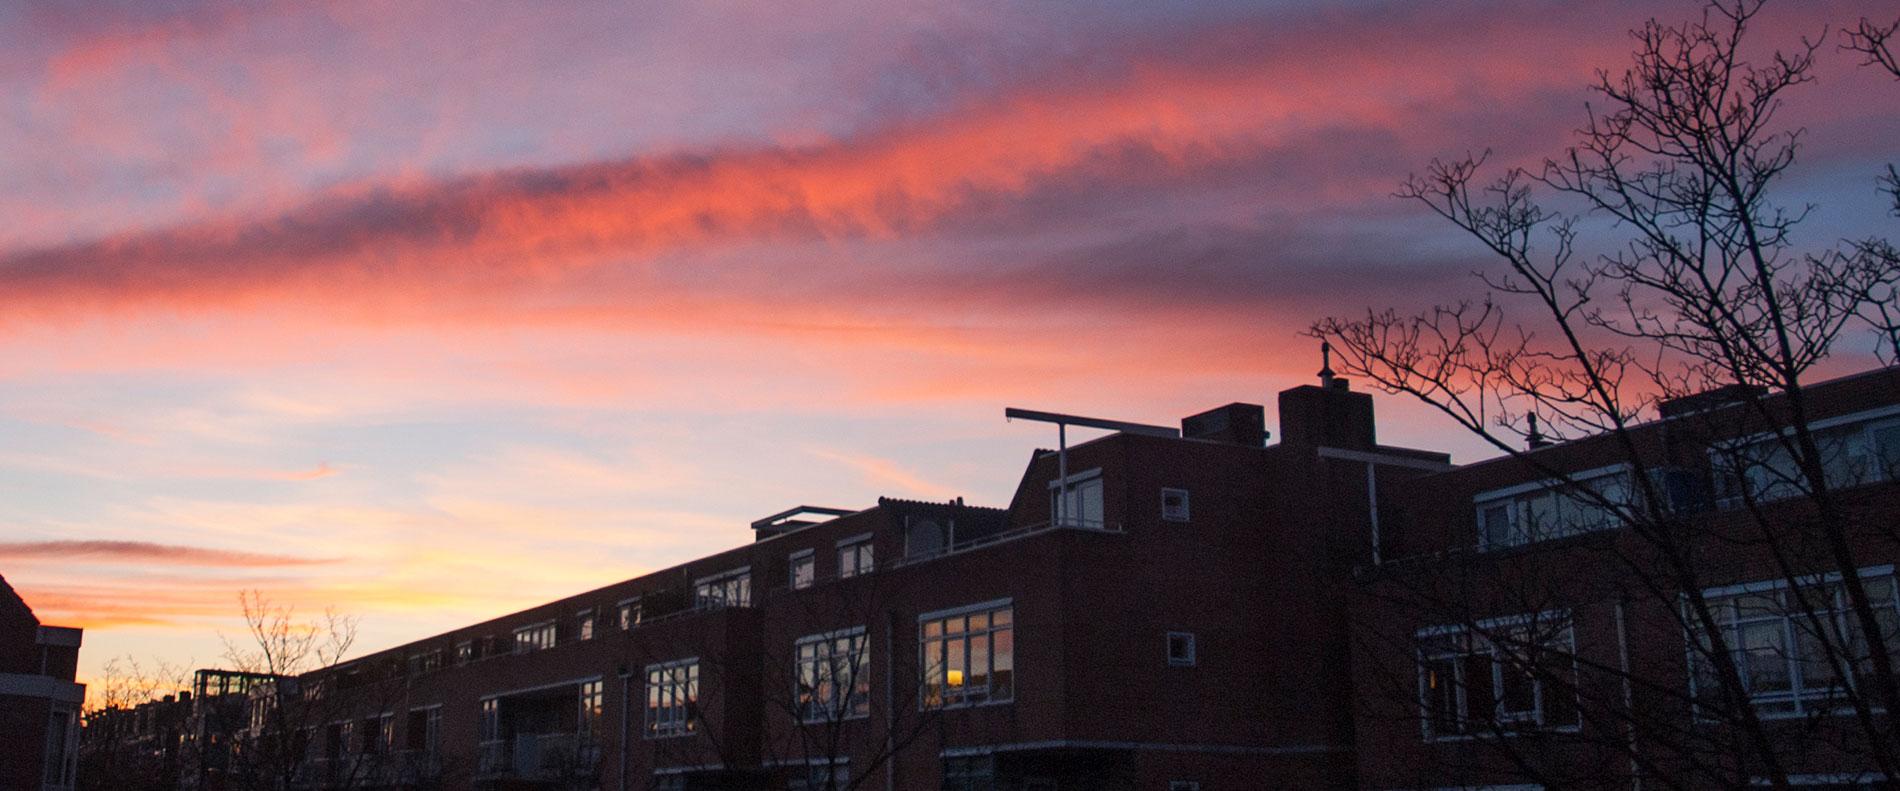 Zonsonderdagn met roze wolken in Commelinstraat